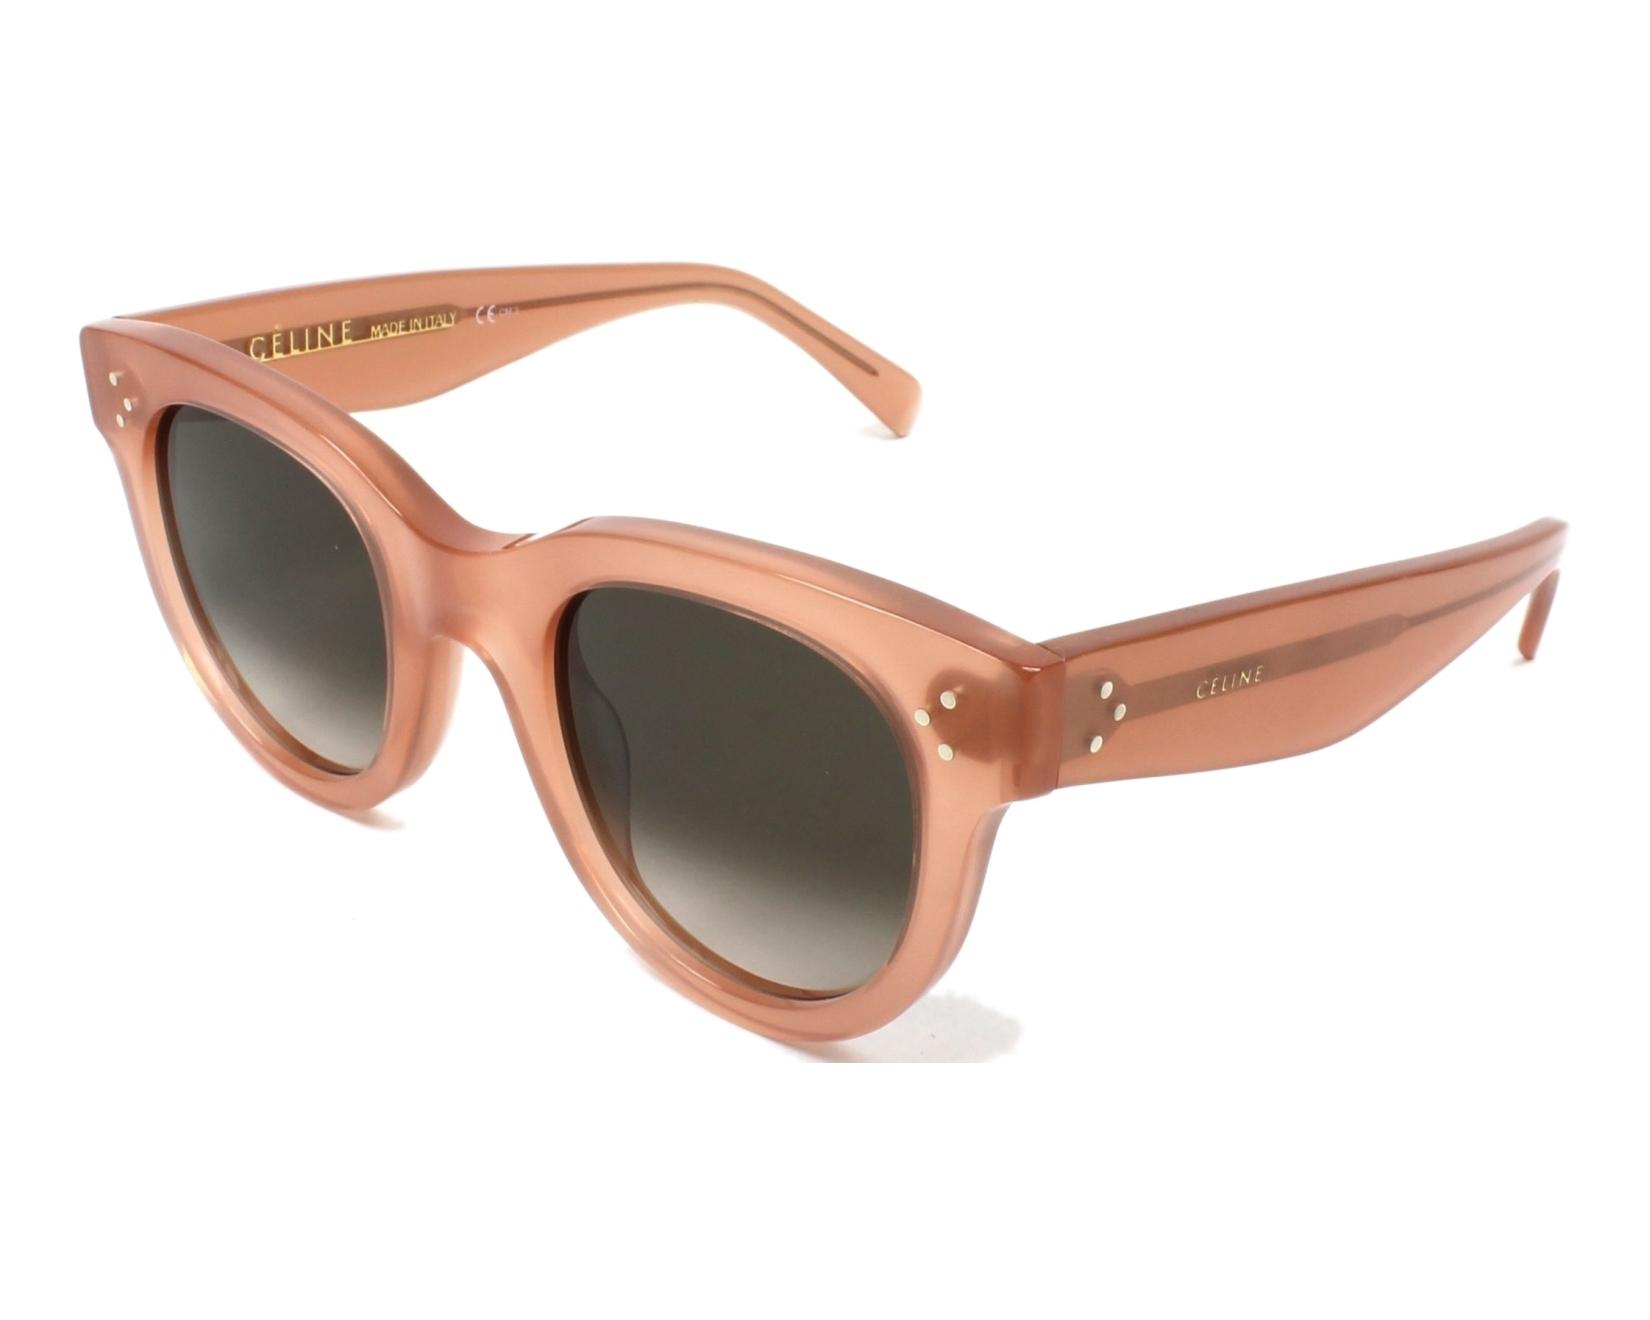 ac27215e01 thumbnail Sunglasses Céline CL-41053 N80 Z3 - Rosa profile view